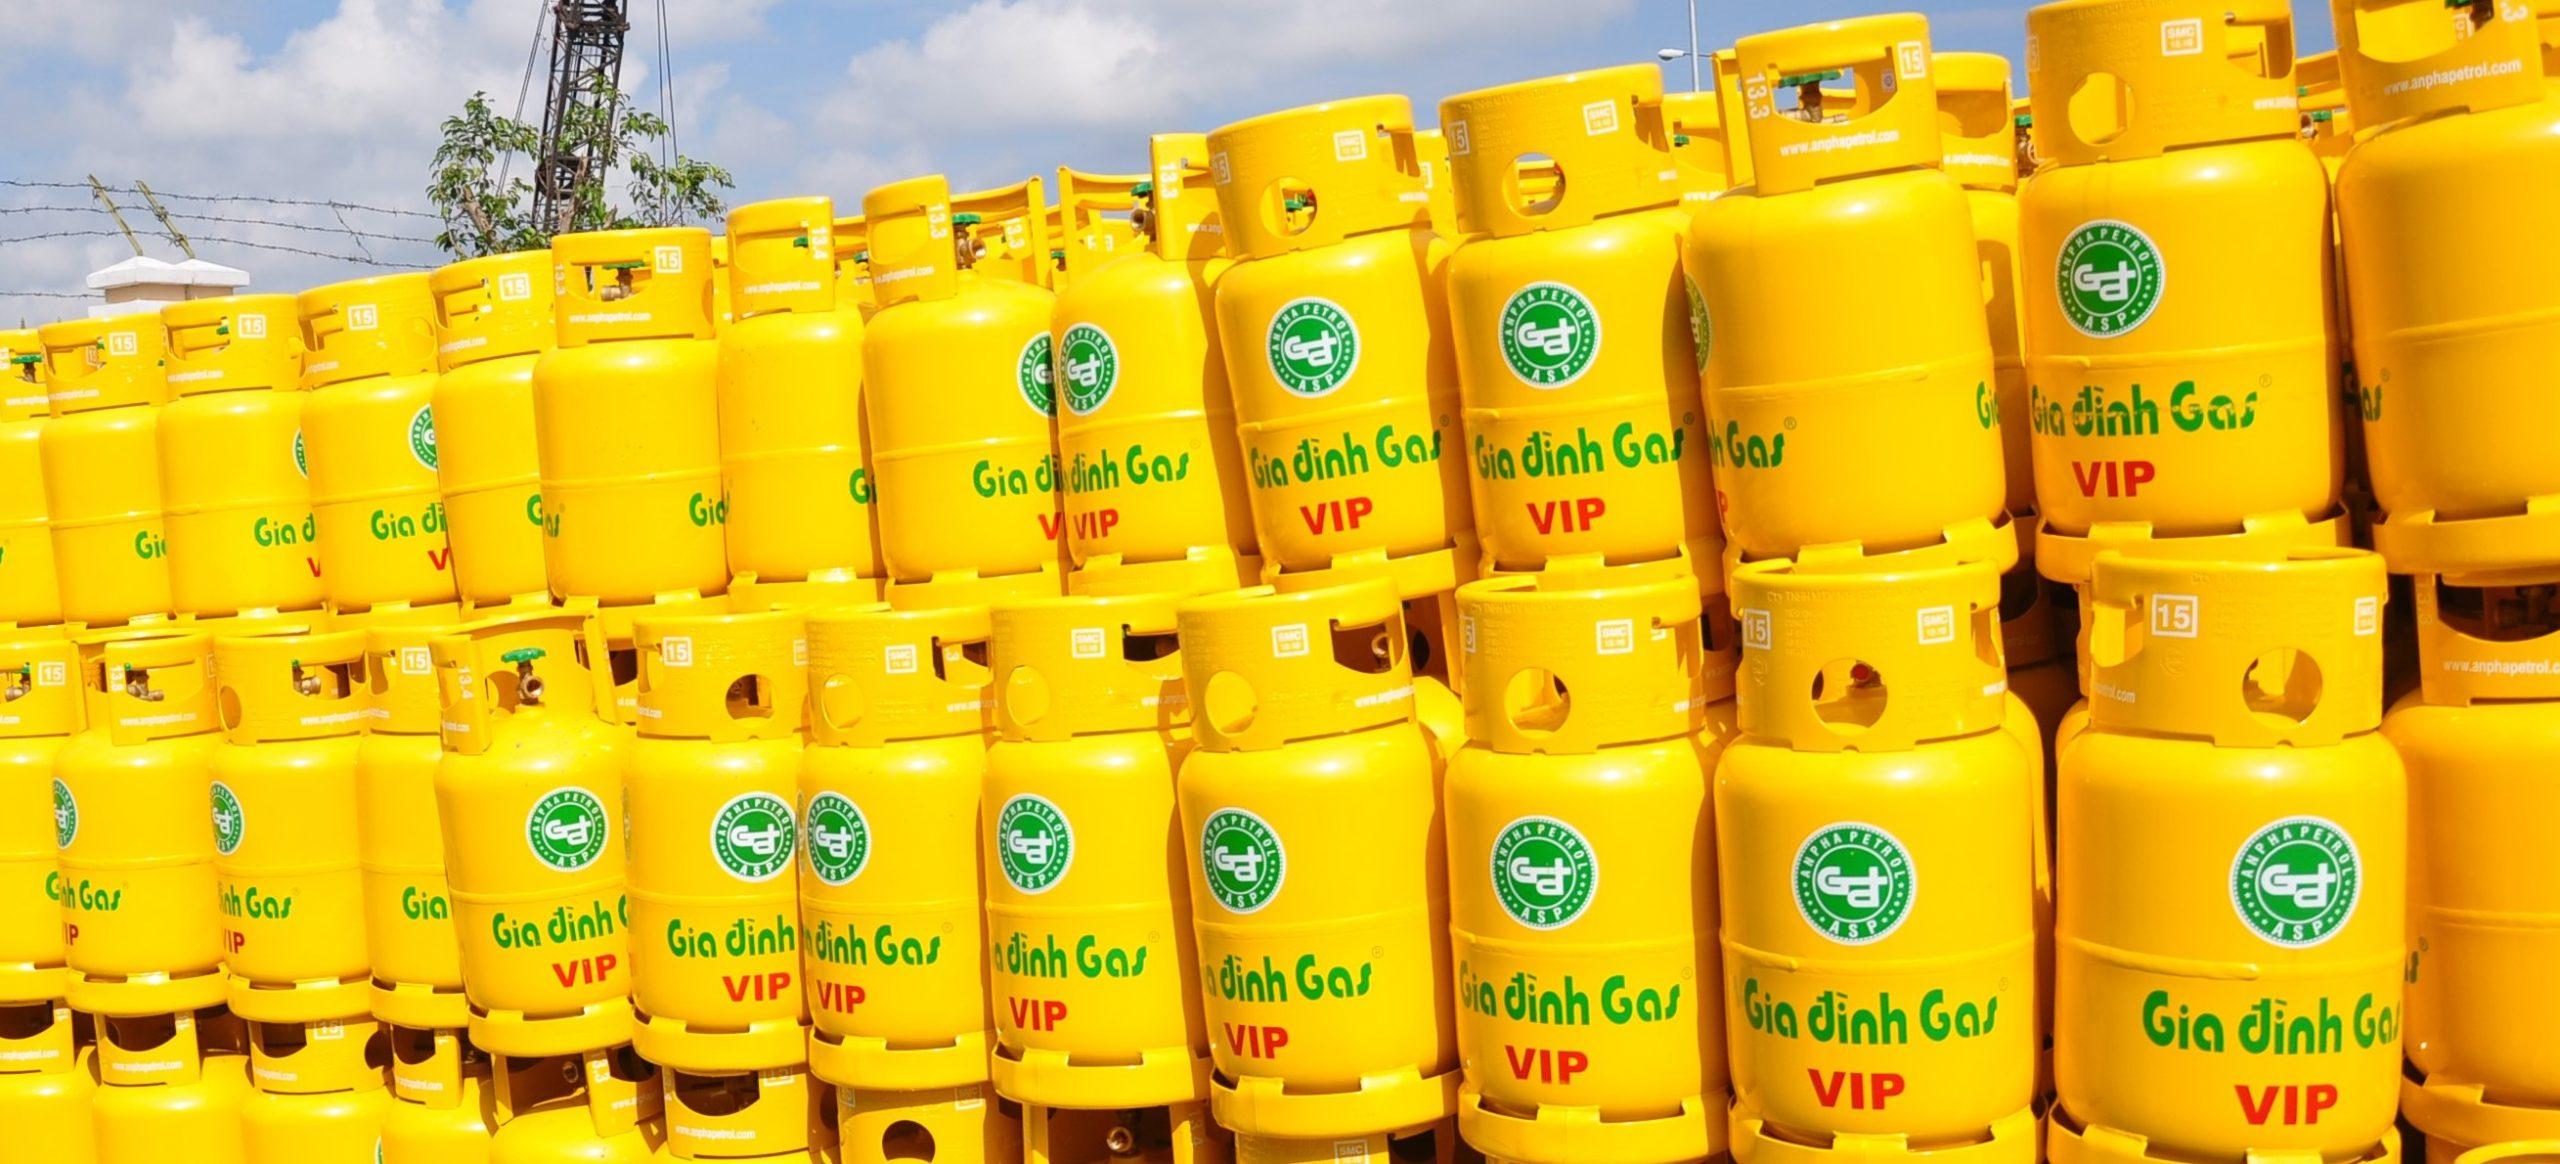 Thông báo giá bán Gas thay đổi từ ngày 01/05/2019